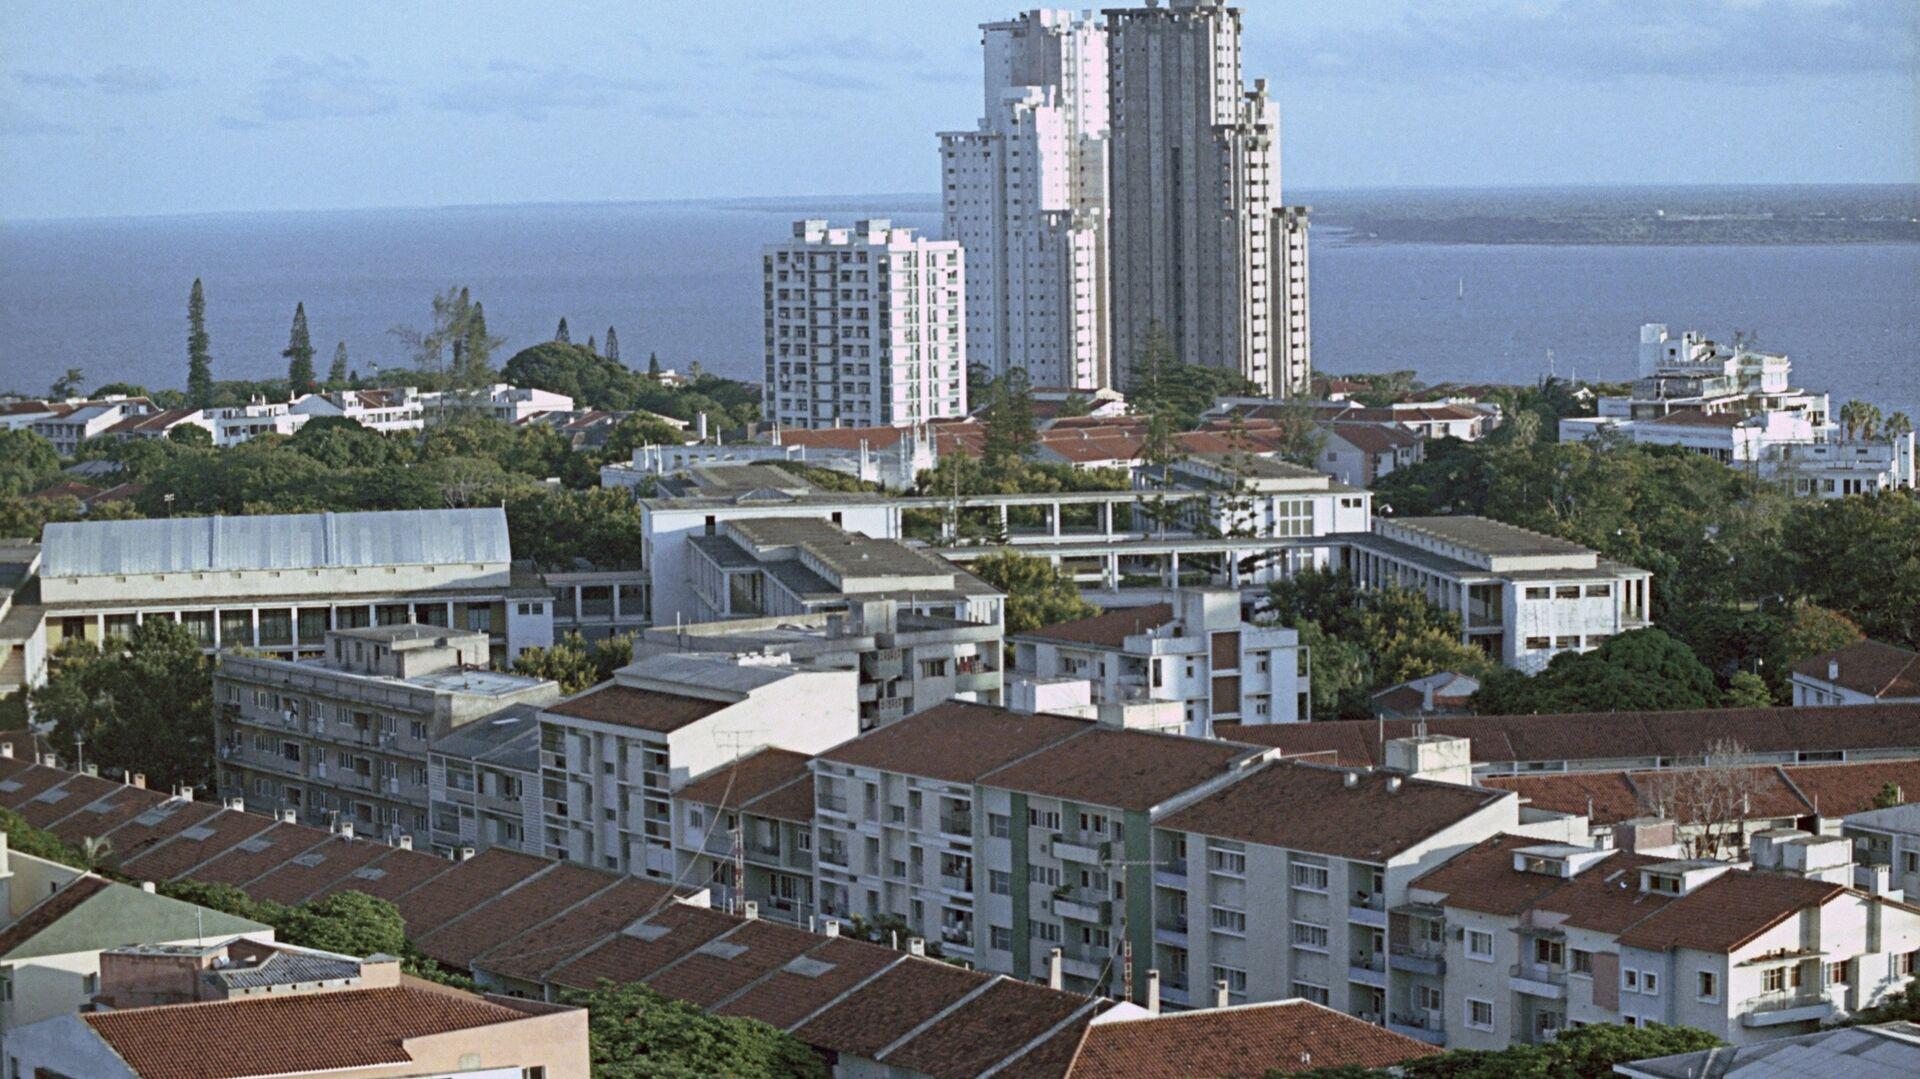 Вид на город Мапуту - столицу Народной Республики Мозамбик - РИА Новости, 1920, 29.03.2021